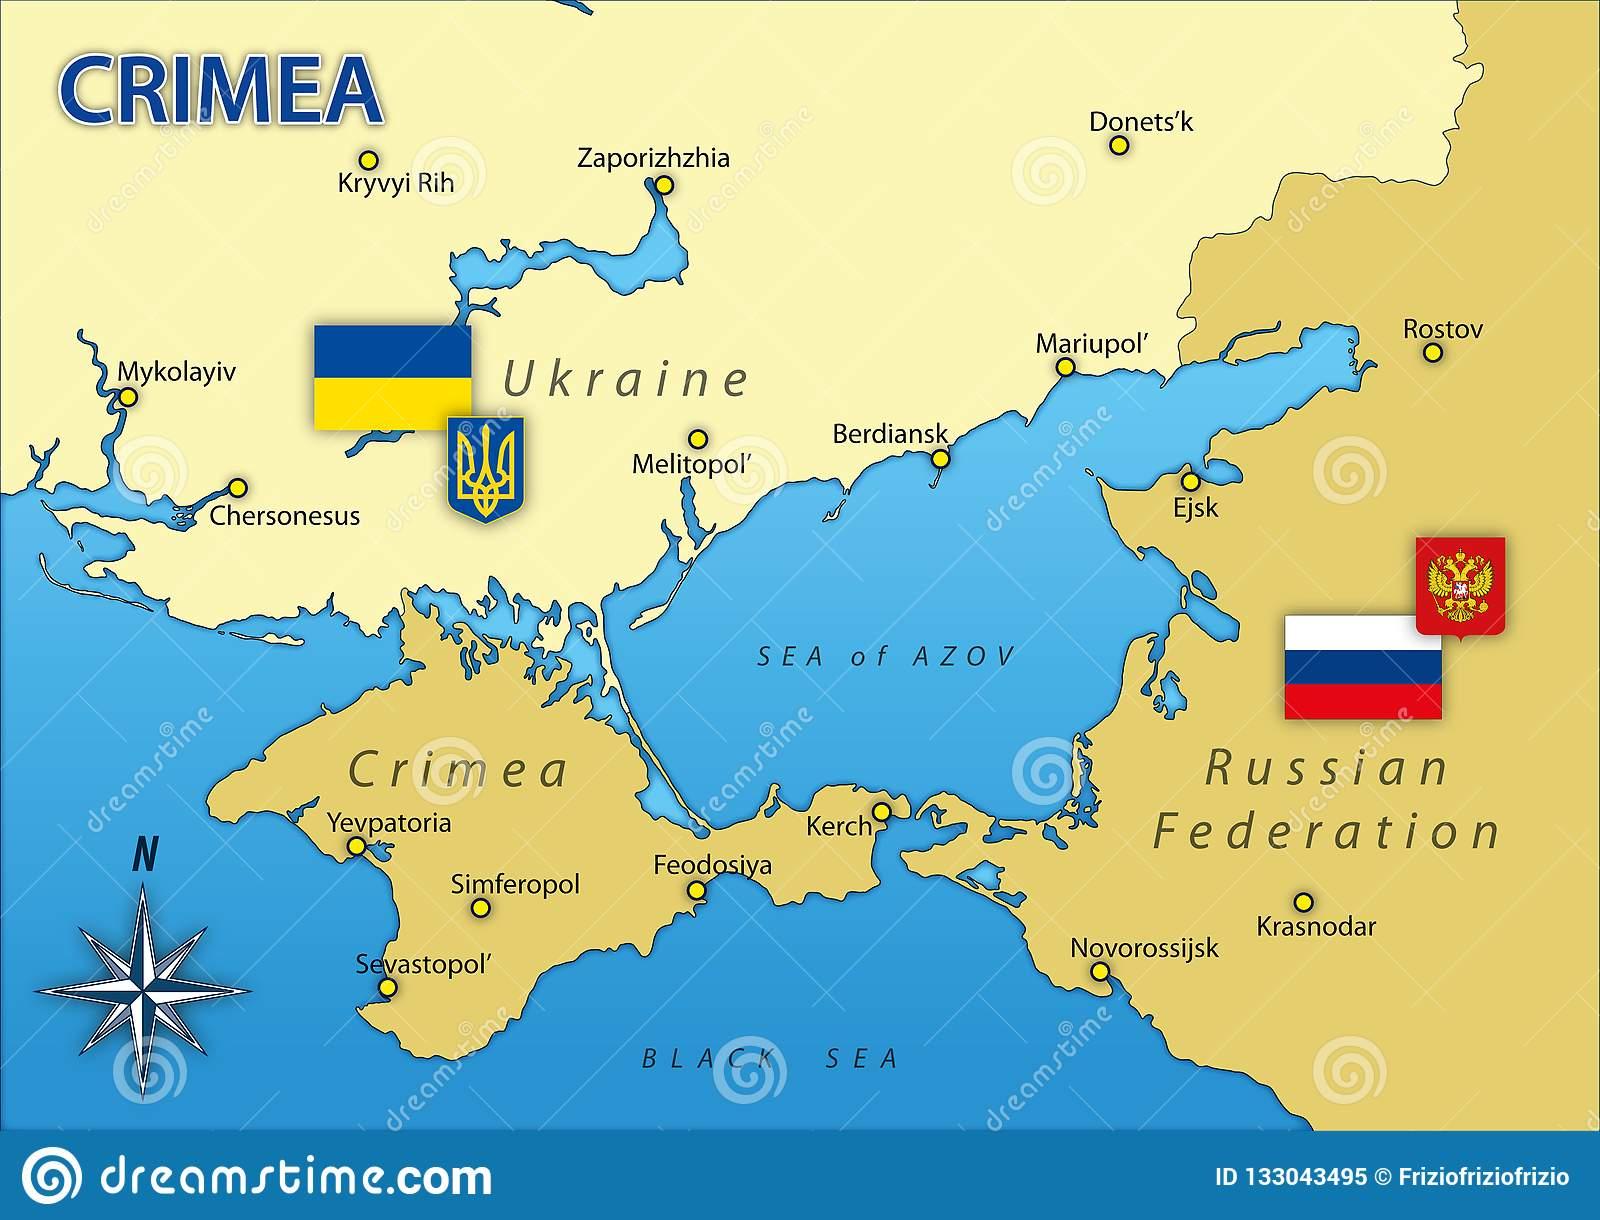 Η Ουκρανία δια των κυρώσεων θέλει να πάρει από τη Ρωσία την Κριμαία